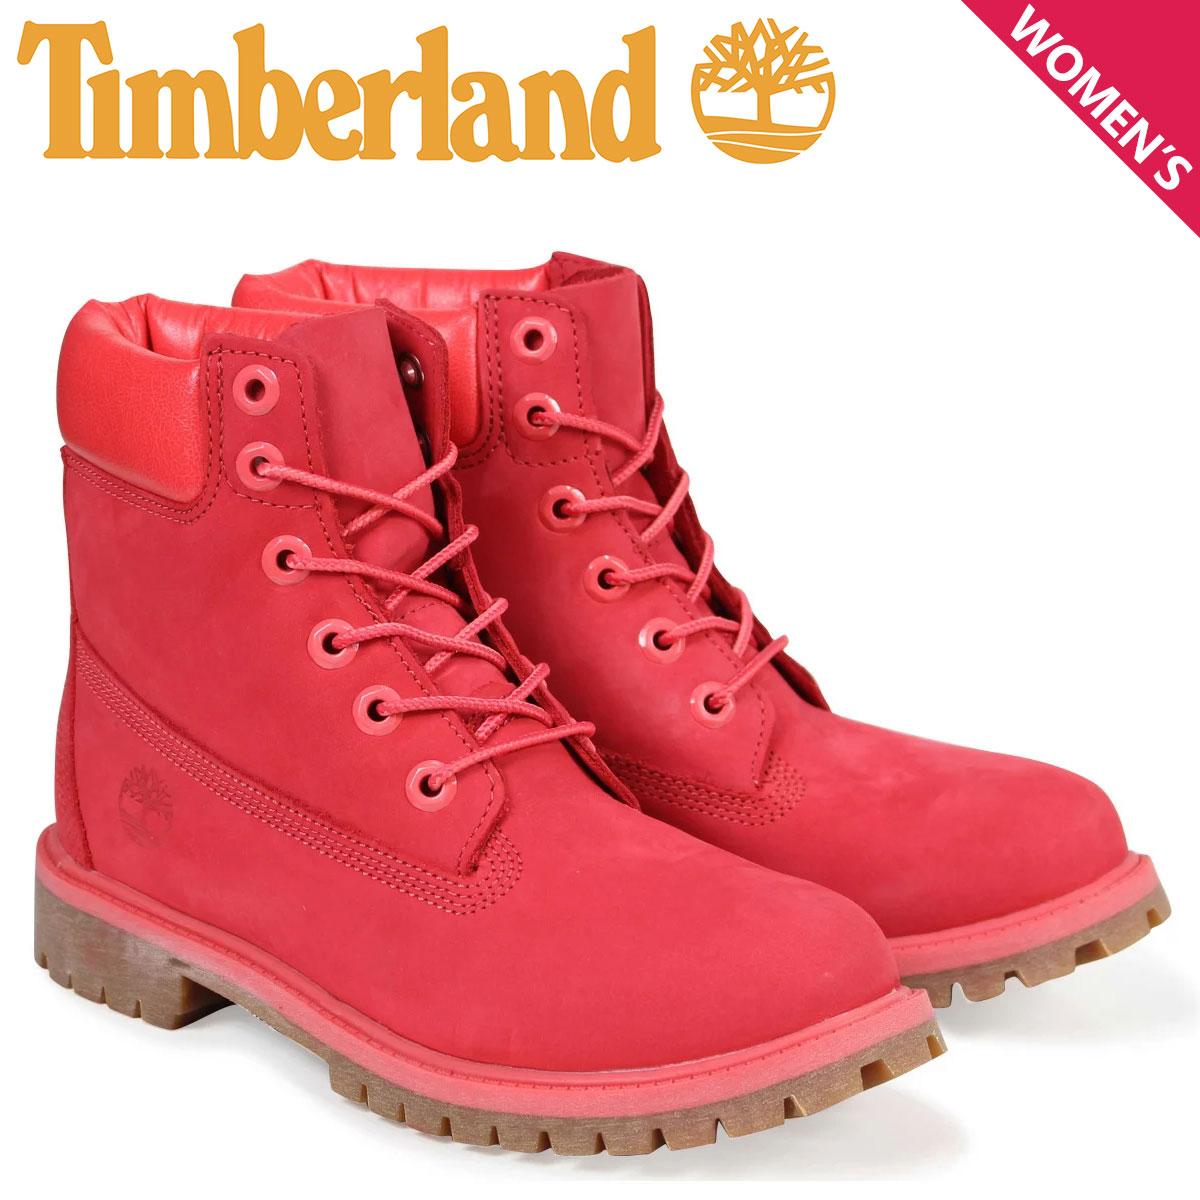 ティンバーランド Timberland レディース ブーツ 6インチ キッズ JUNIOR 6INCH WATERPROOF BOOT A1RSR Mワイズ 防水 レッド